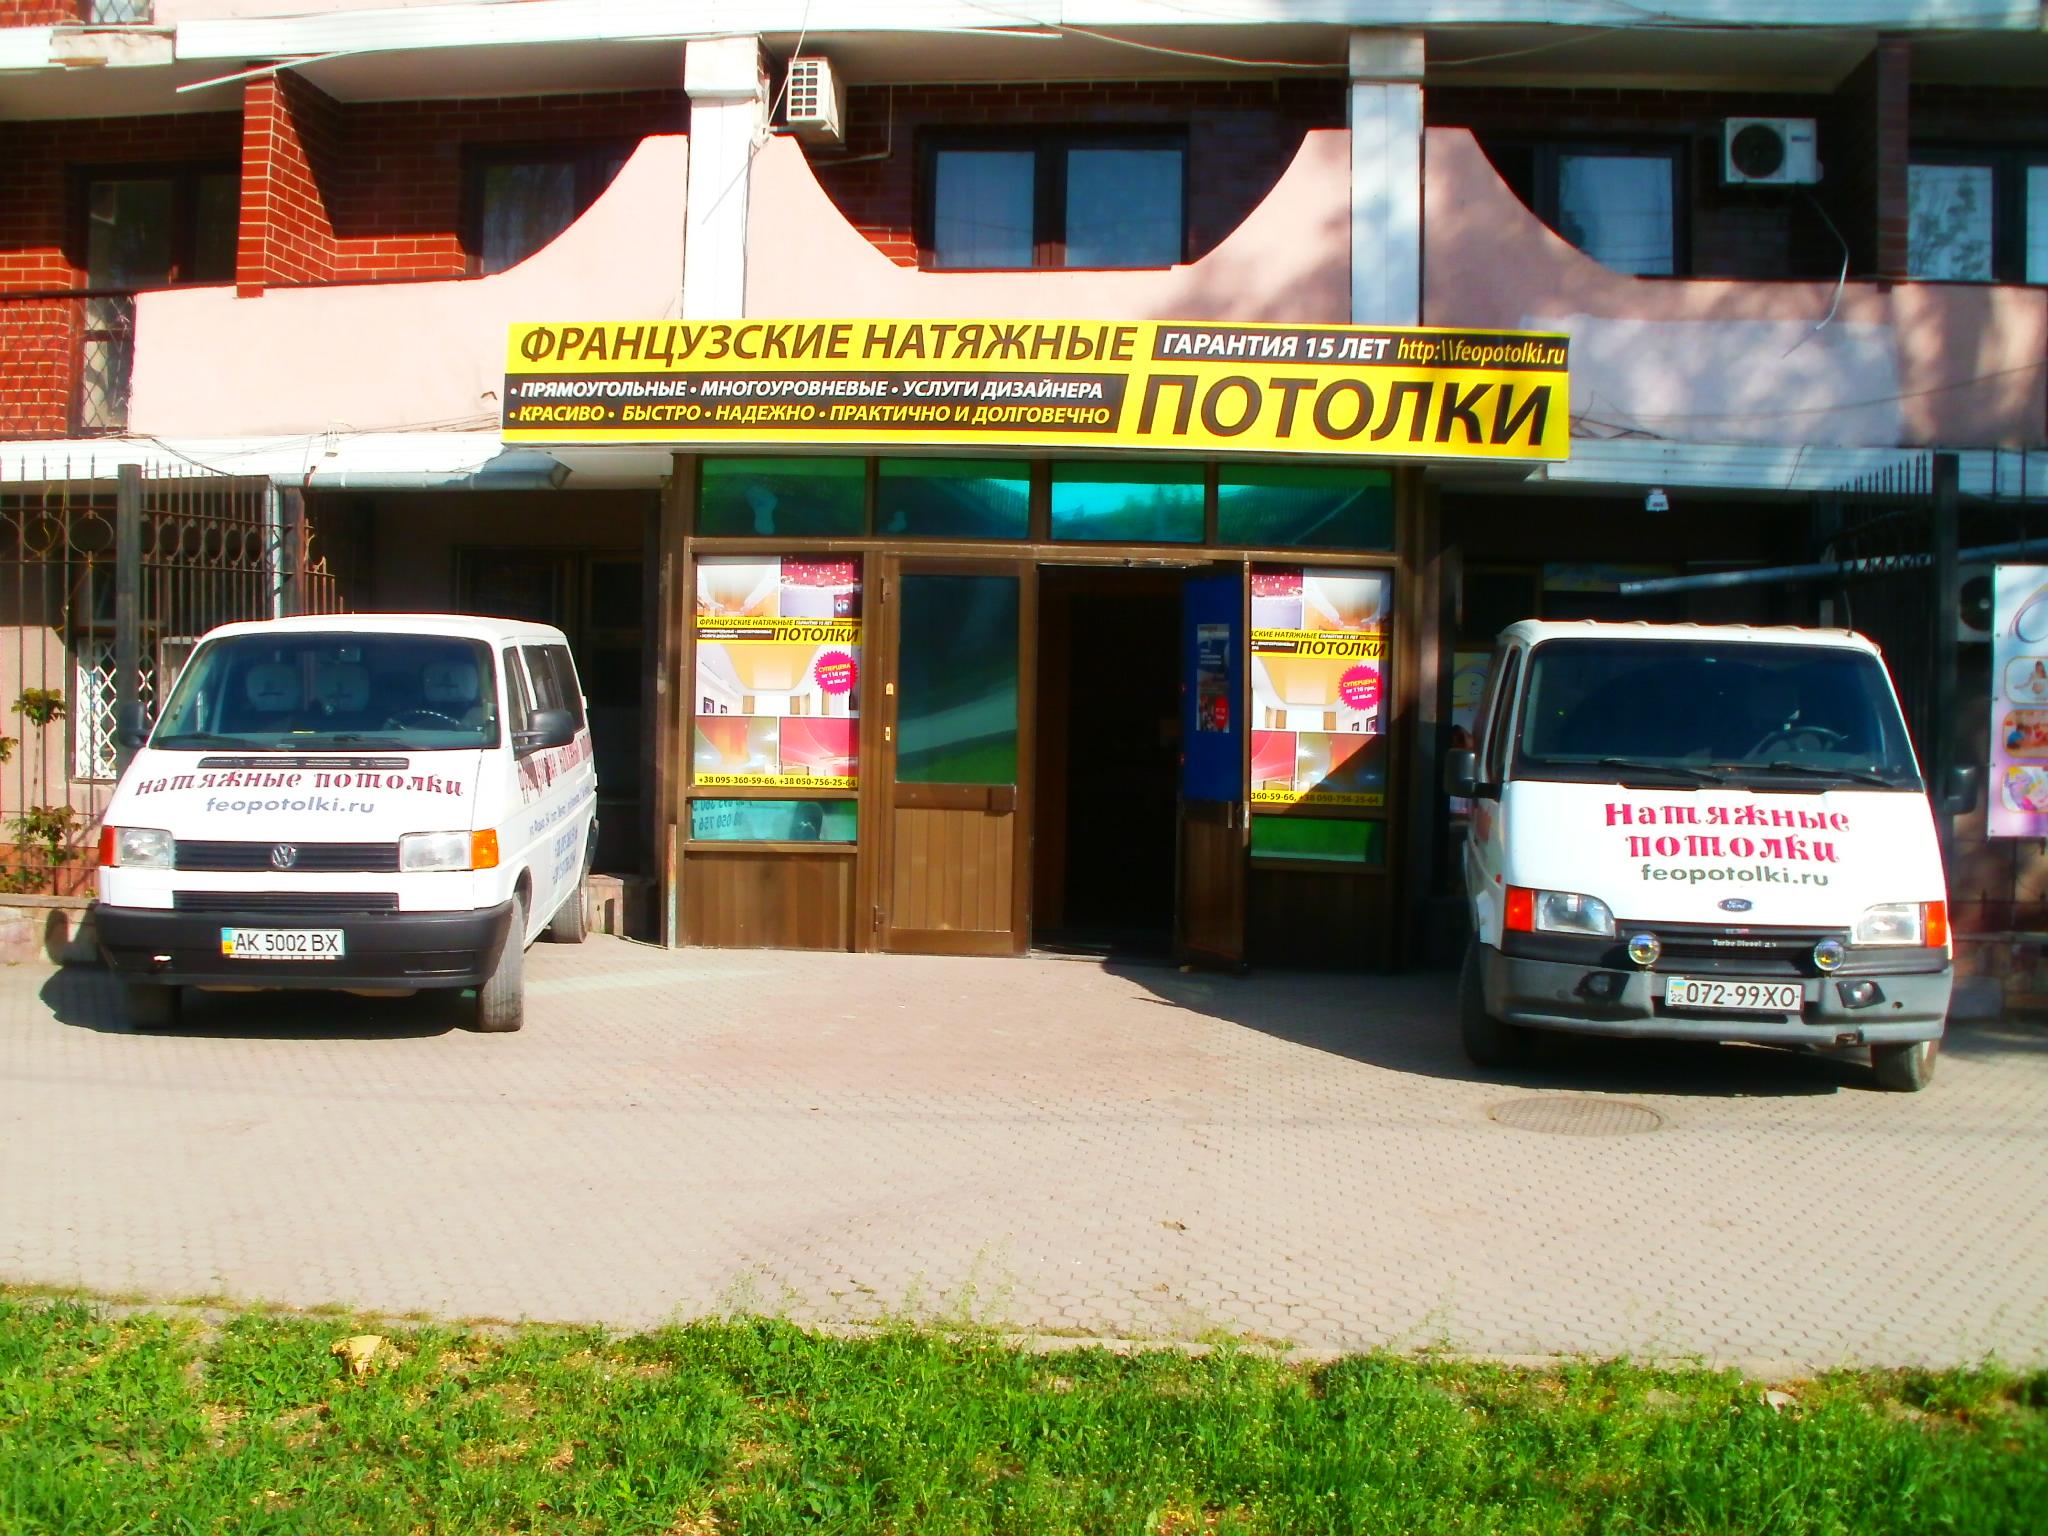 Фирма: Мечта, ИП Мельников В.В., Натяжные потолки